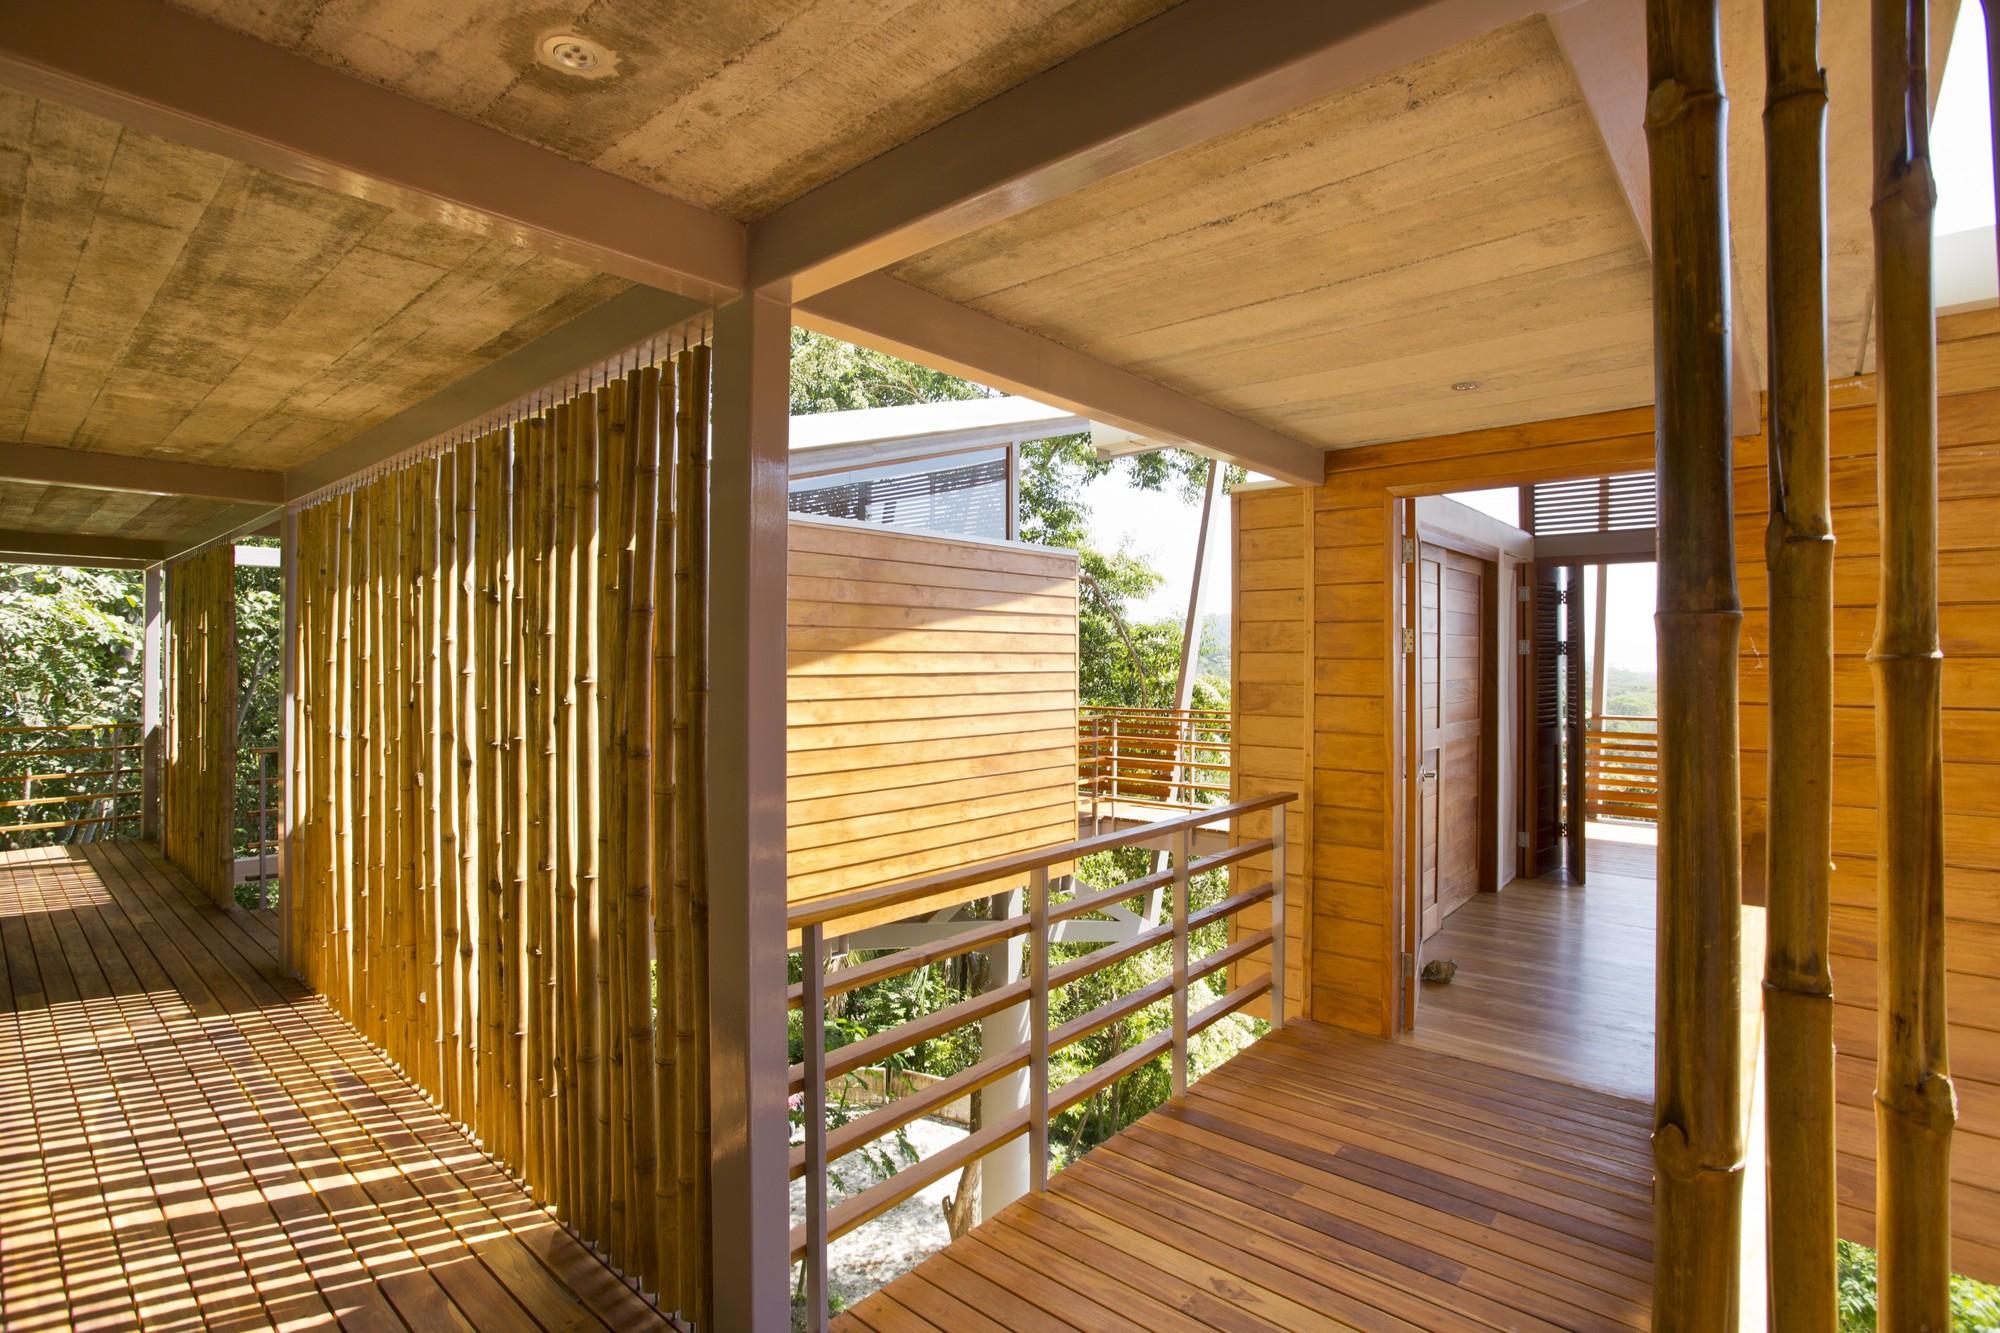 planos-de-casas-de-bambu